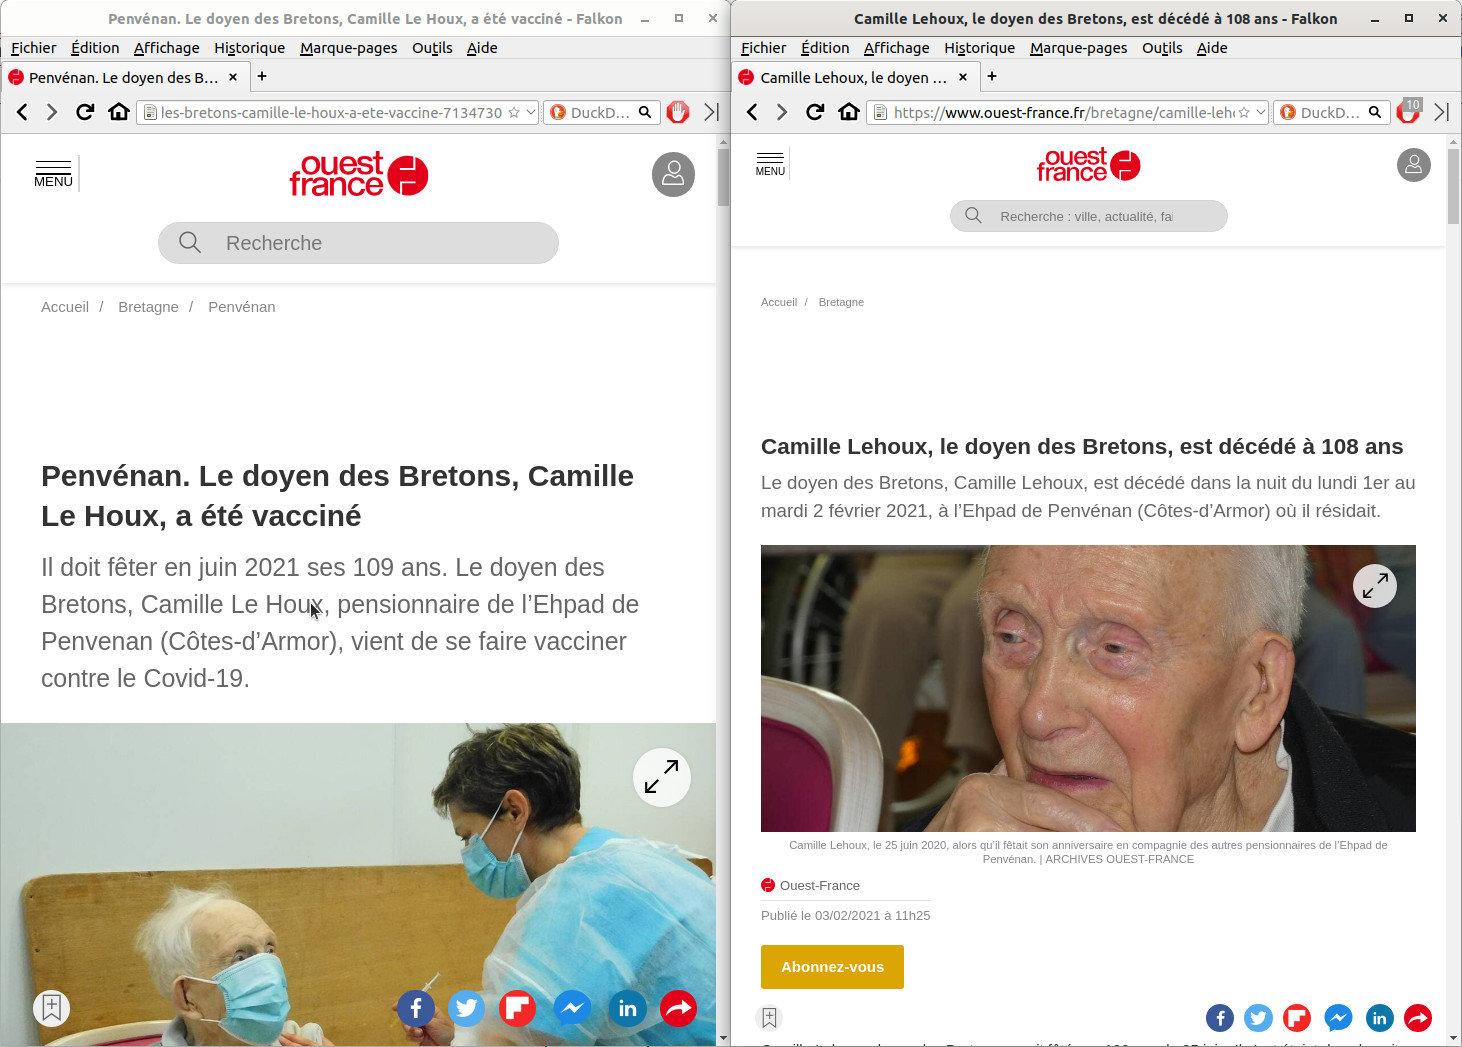 Le doyen de Bretagne meurt quelques jours après avoir été vacciné.